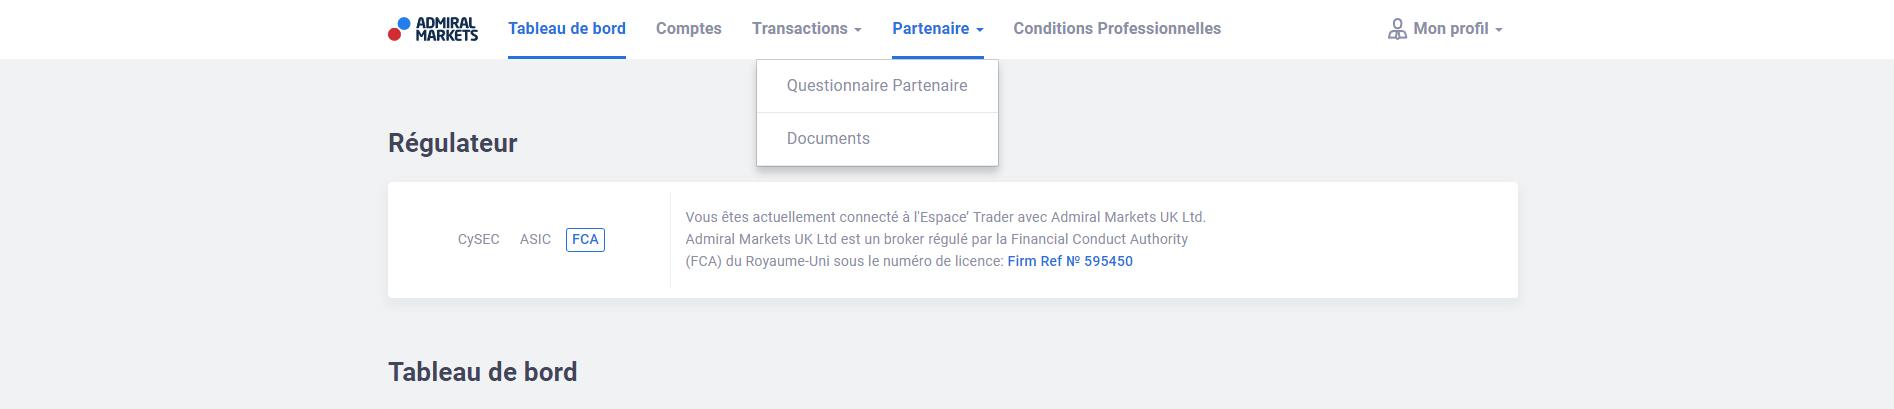 Questionnaire Partenaire Admiral Markets